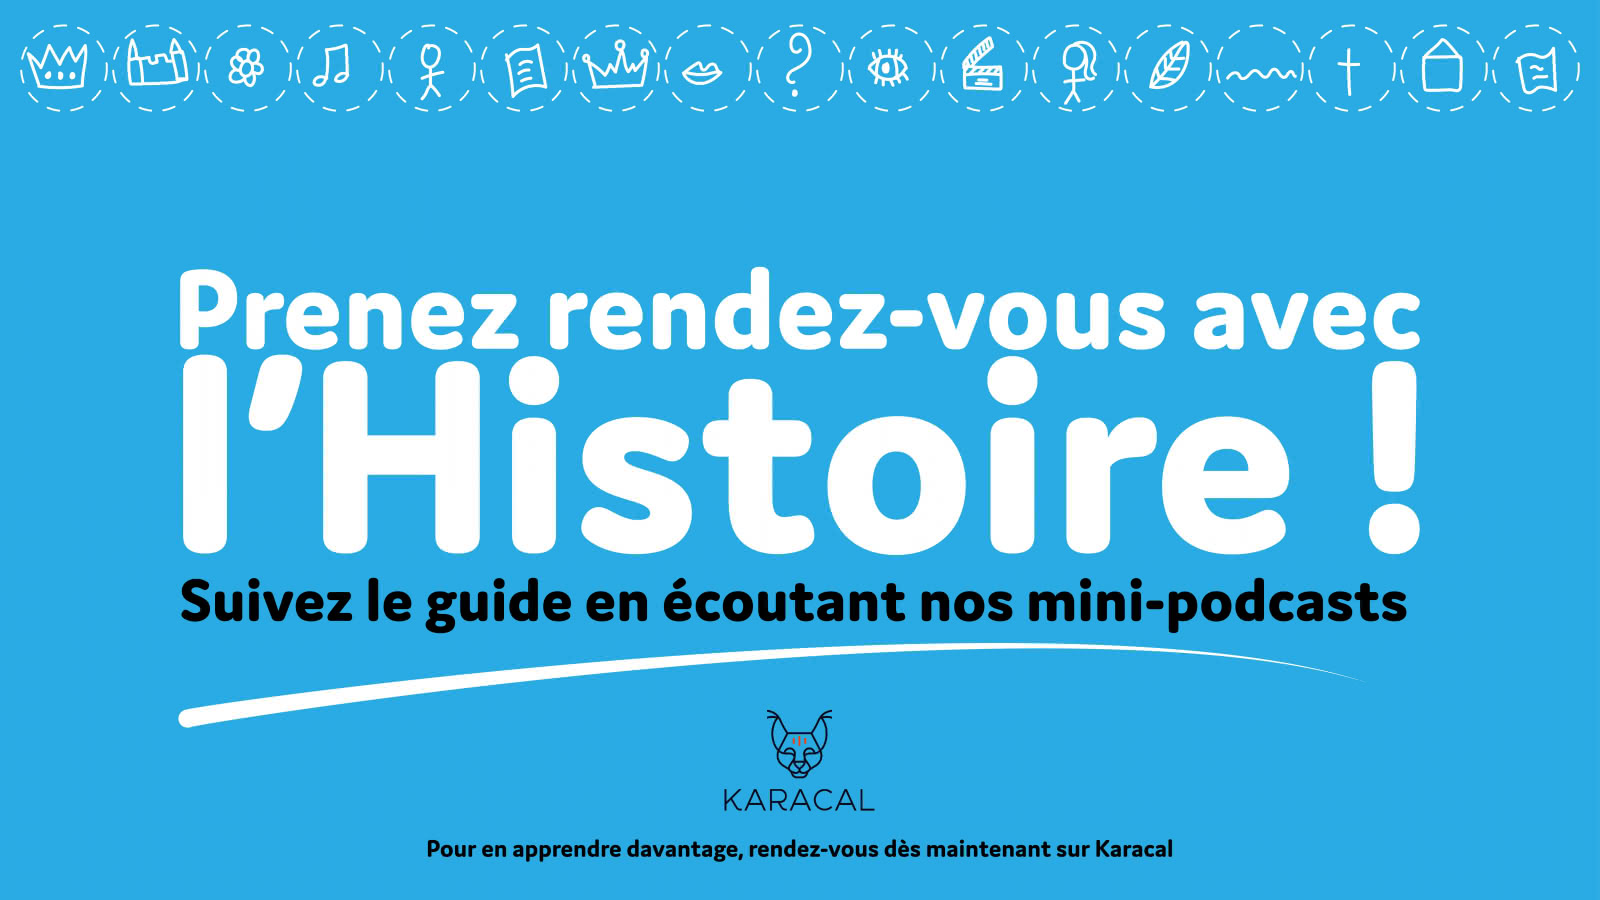 hanna@karacal.fr